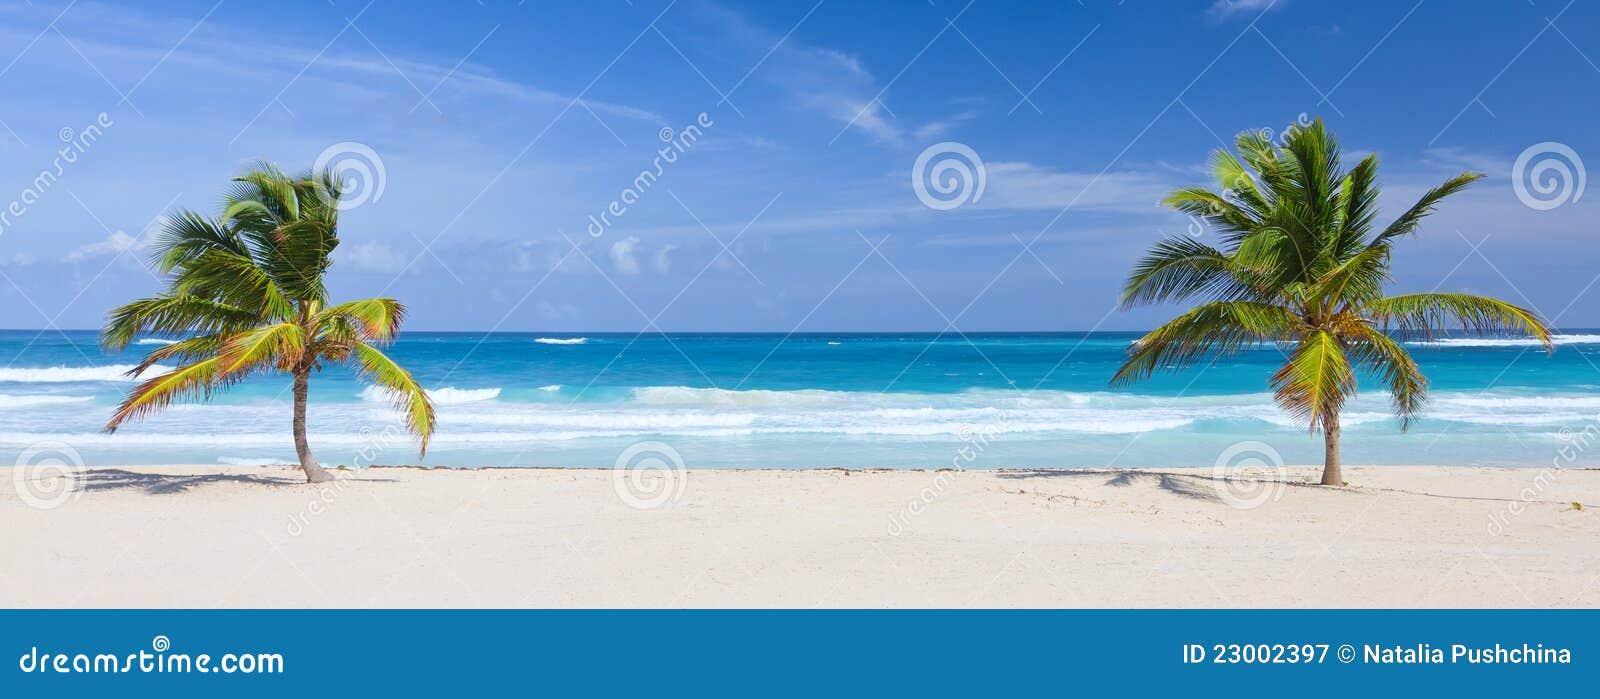 Deux palmiers sur la plage tropicale